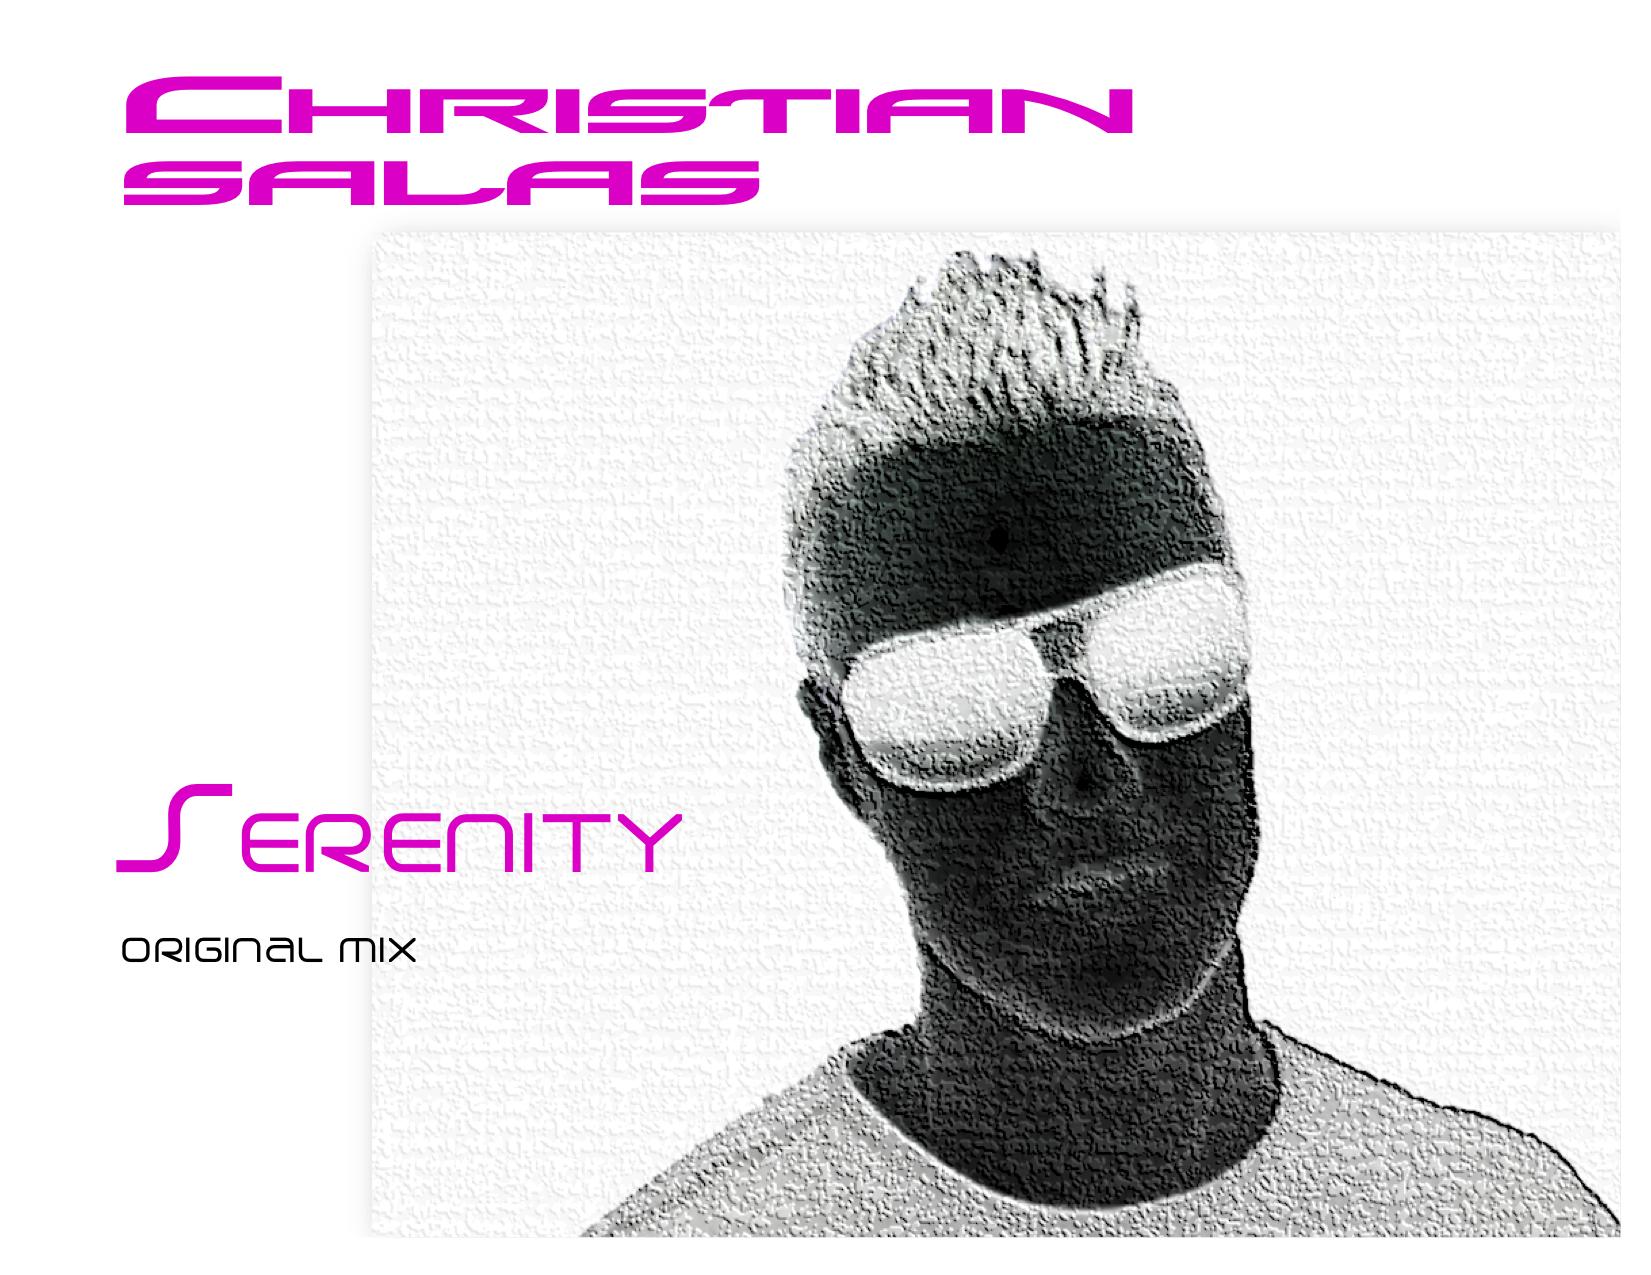 Serenity (Instrumental Mix)  - Chris Salas